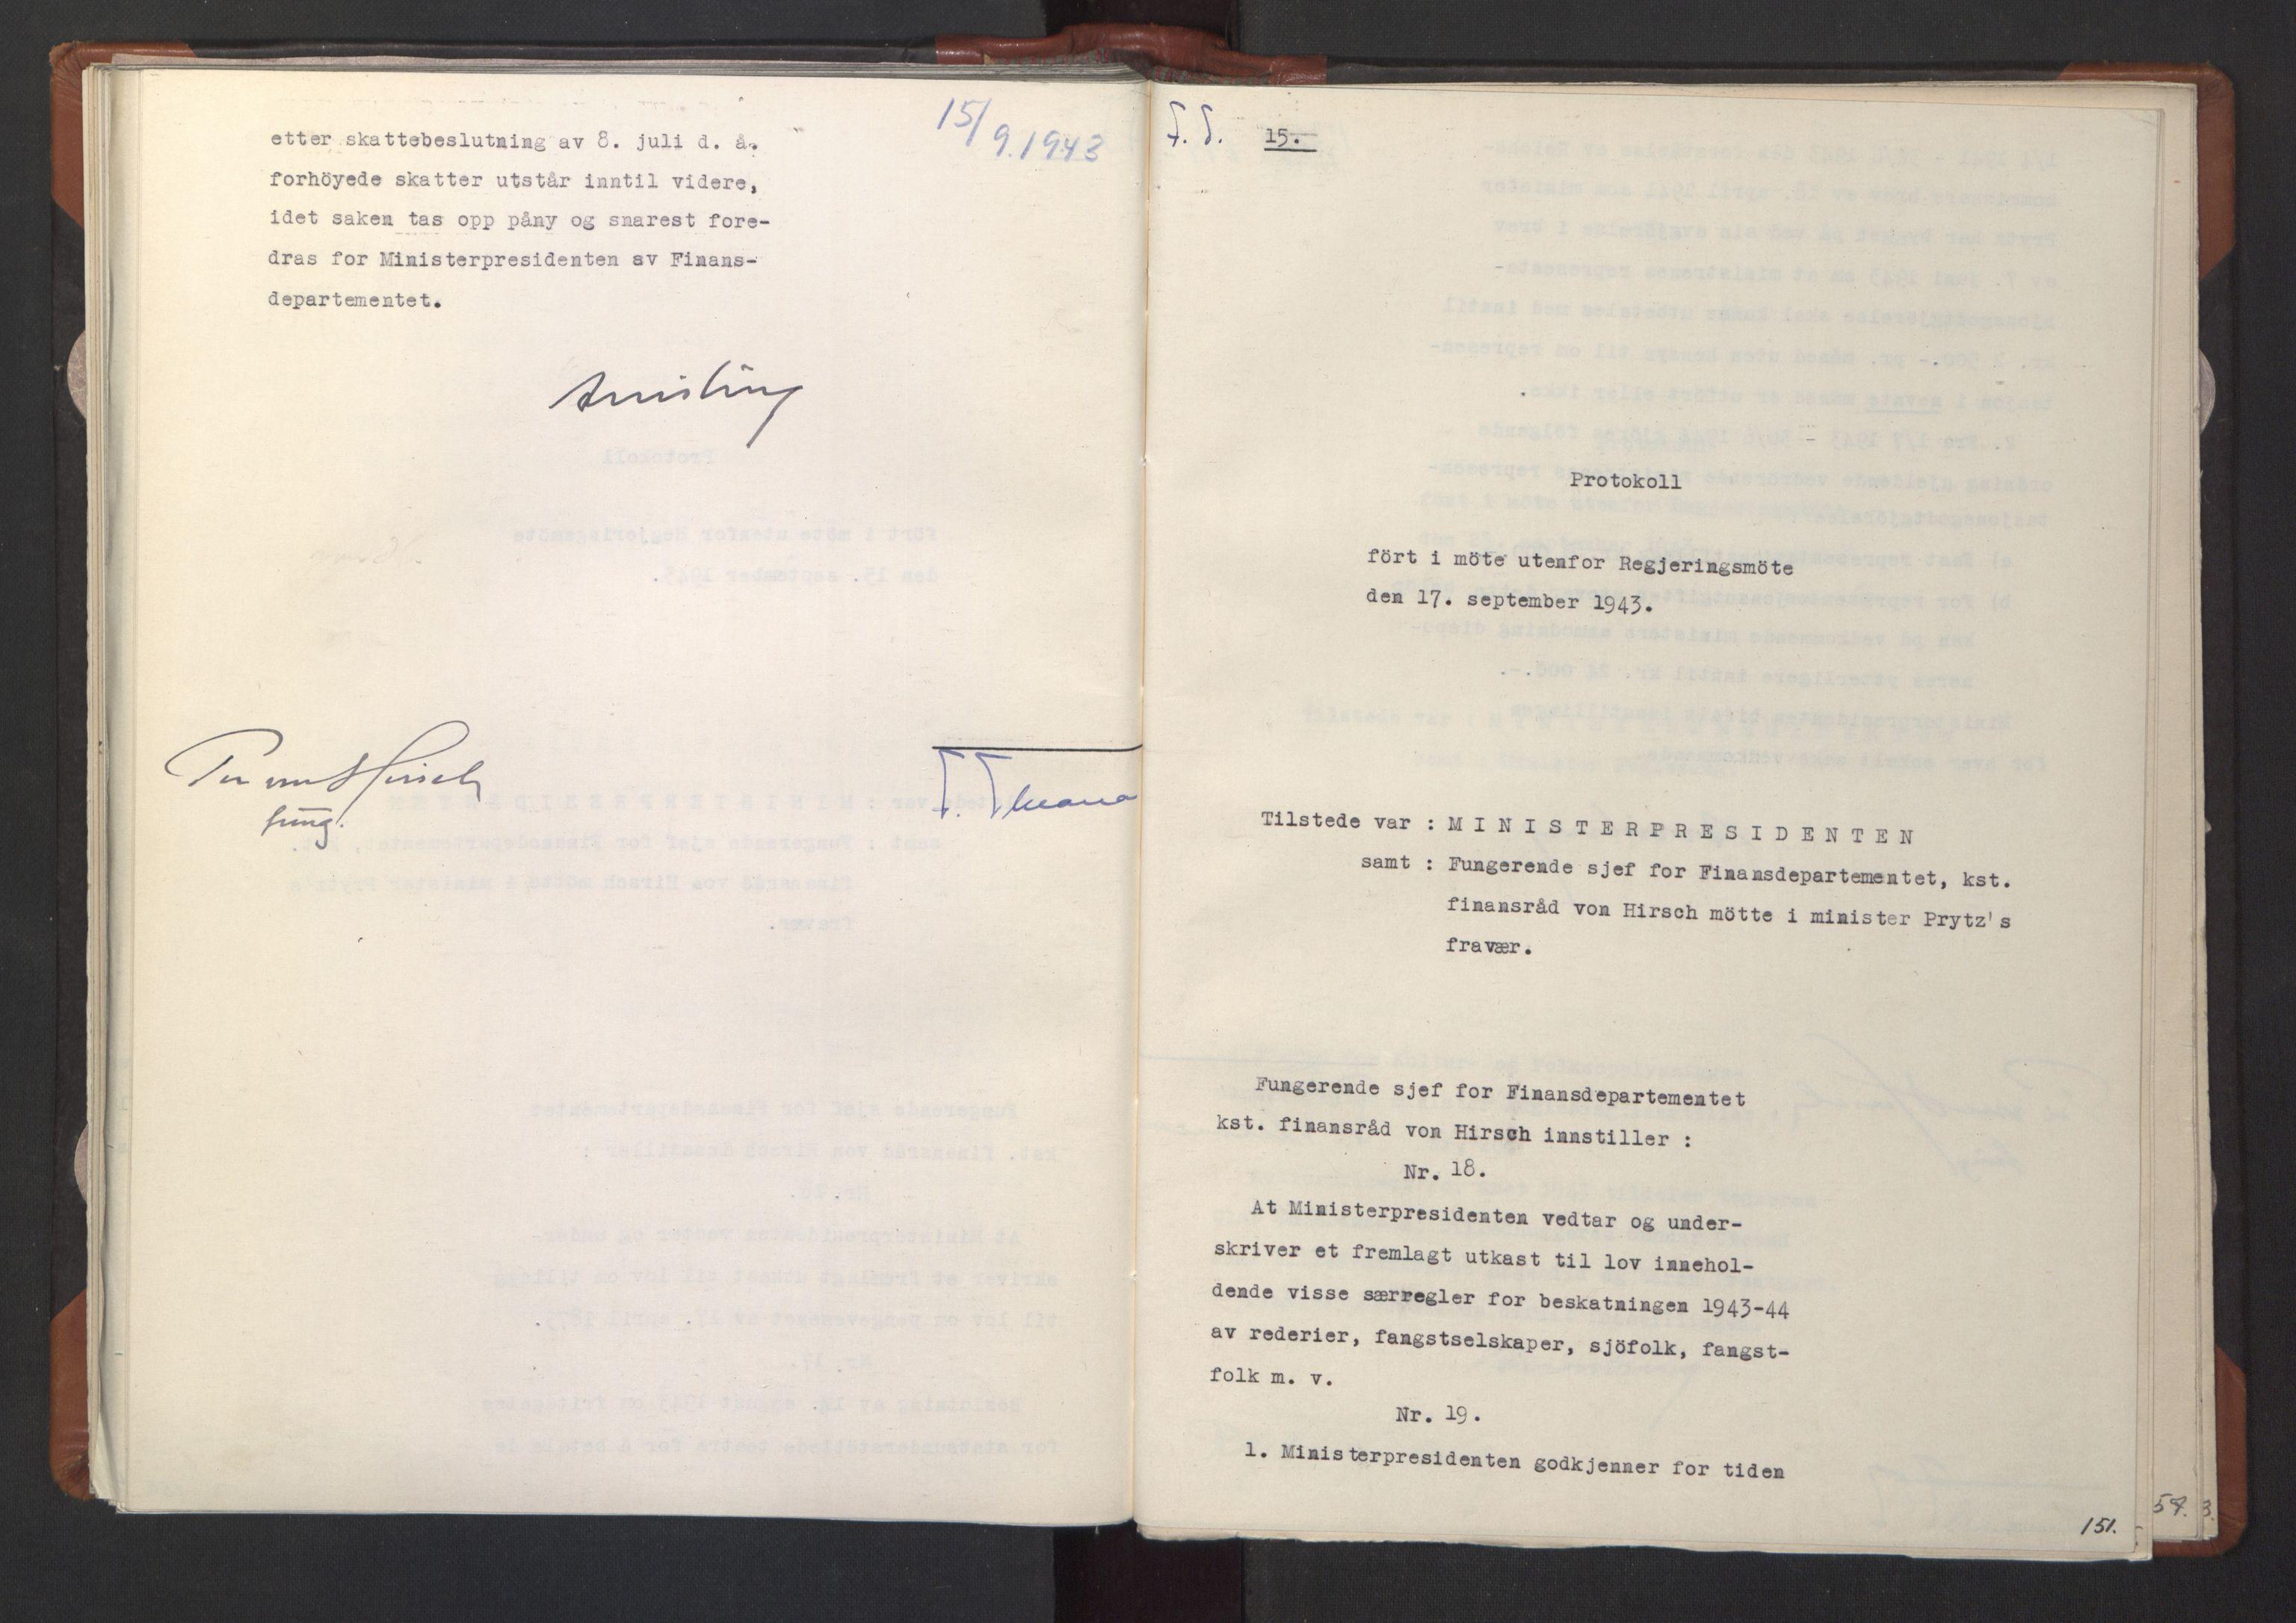 RA, NS-administrasjonen 1940-1945 (Statsrådsekretariatet, de kommisariske statsråder mm), D/Da/L0003: Vedtak (Beslutninger) nr. 1-746 og tillegg nr. 1-47 (RA. j.nr. 1394/1944, tilgangsnr. 8/1944, 1943, s. 150b-151a